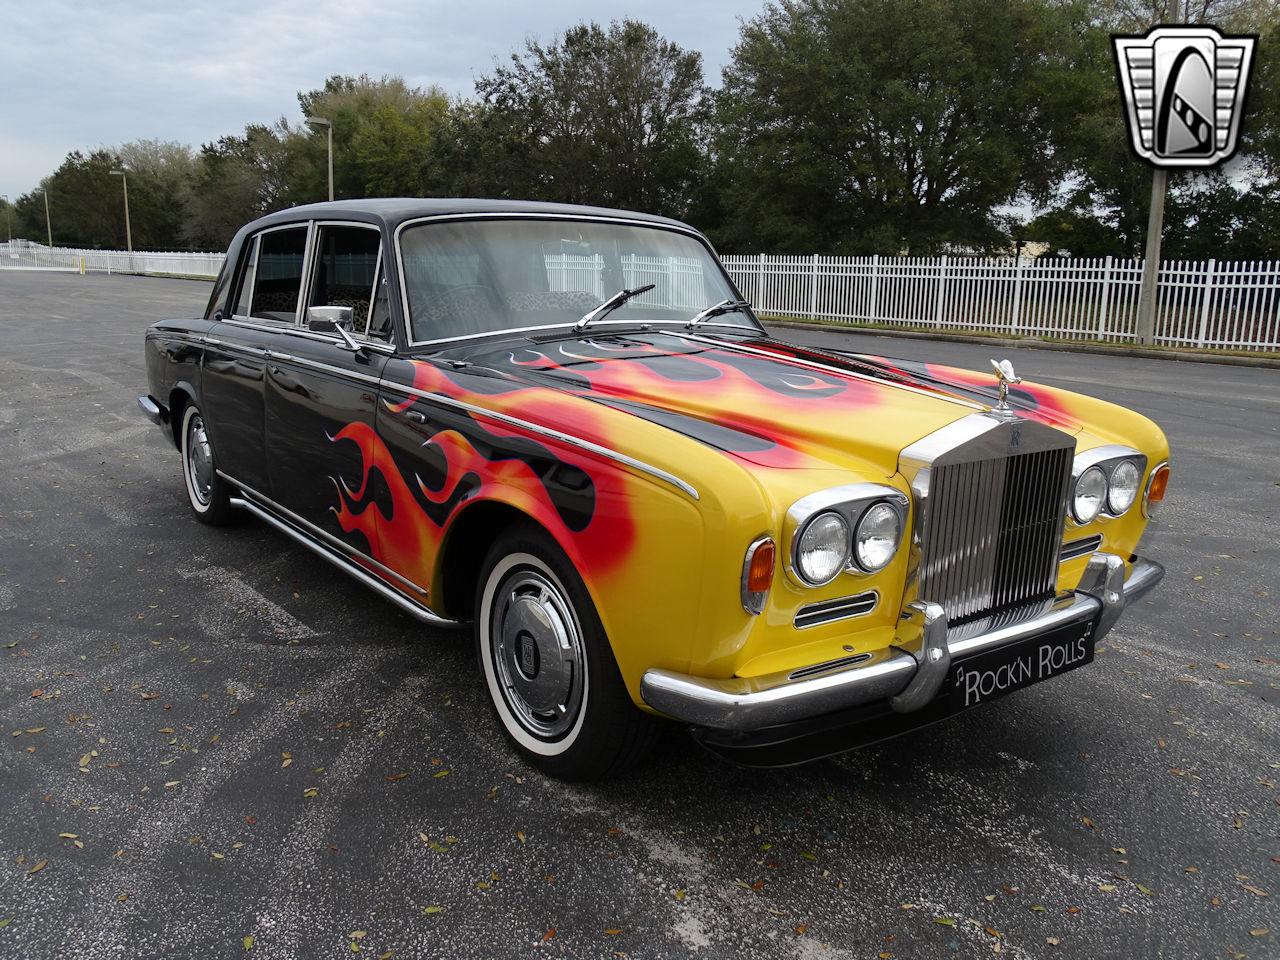 1967 Rolls Royce Silver Shadow 15